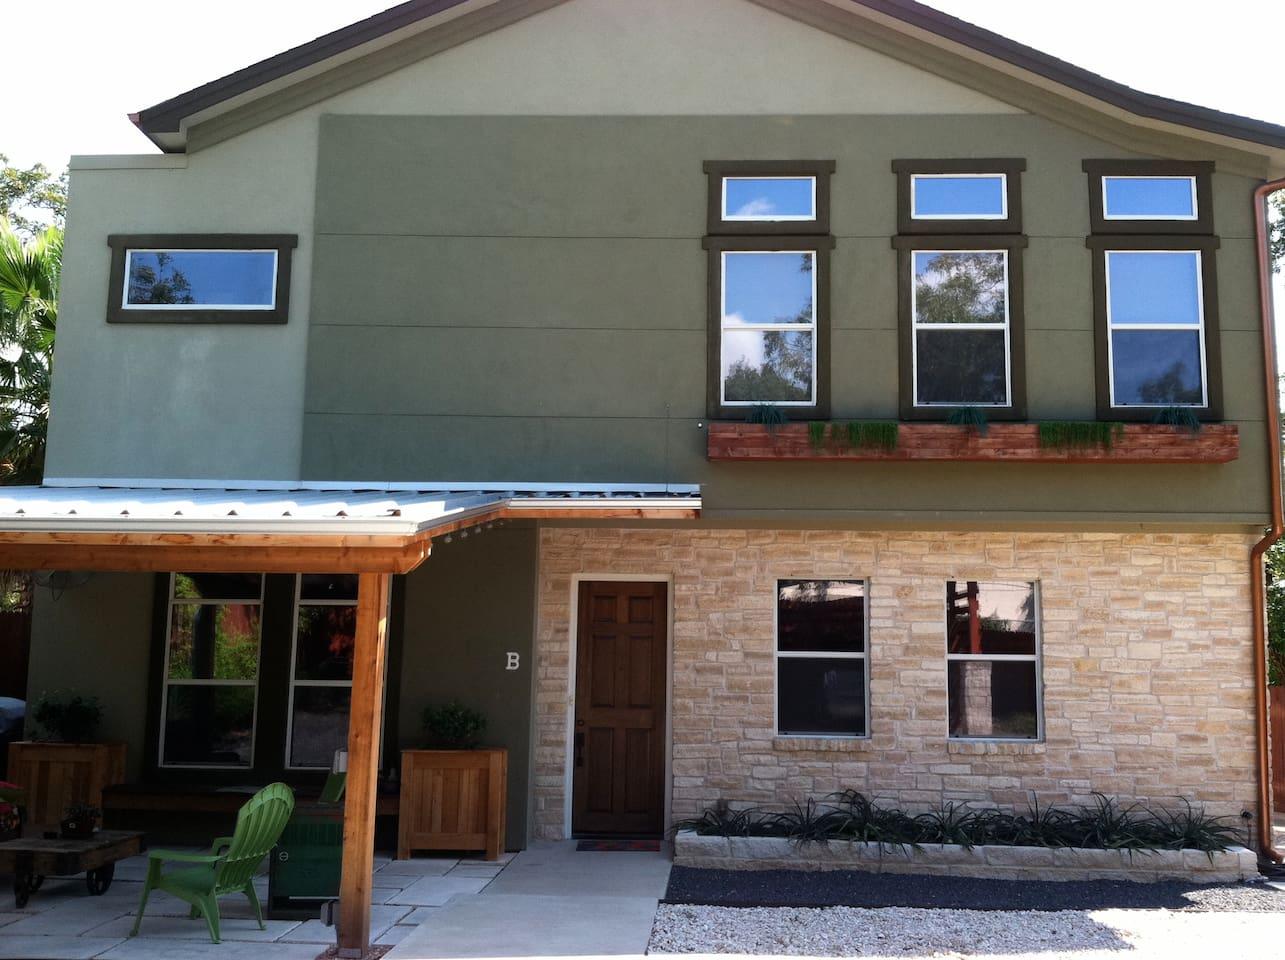 4/3 SXSW Bouldin Home, Austin, TX